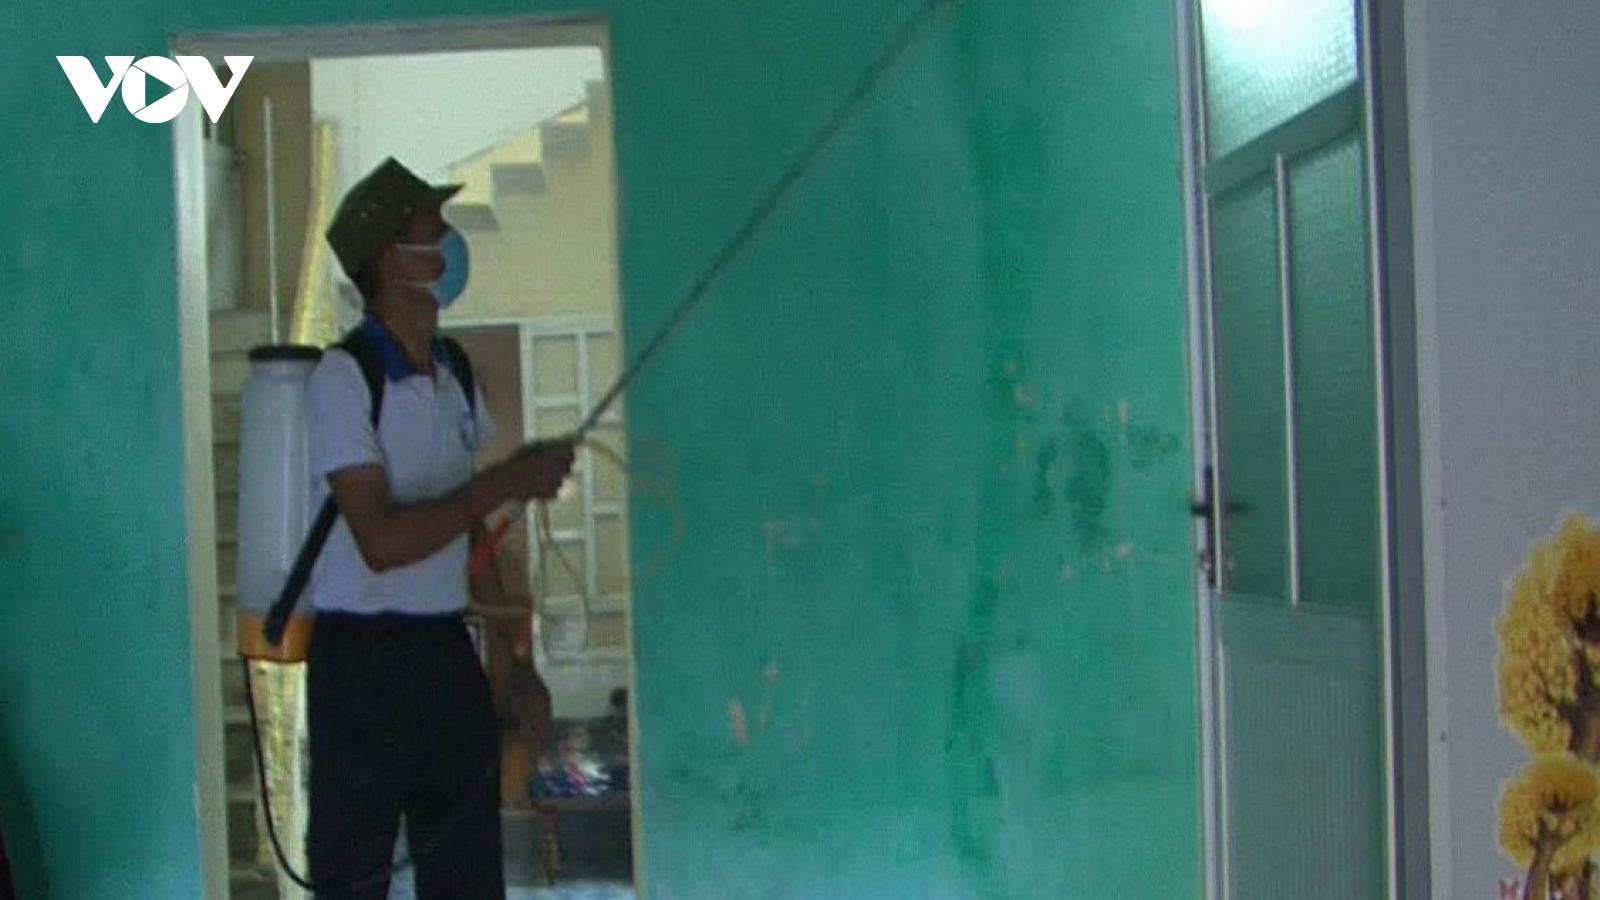 Hơn 1.000 học sinh huyện Thanh Miện (Hải Dương) tạm nghỉ học do liên quan đến các ca F1